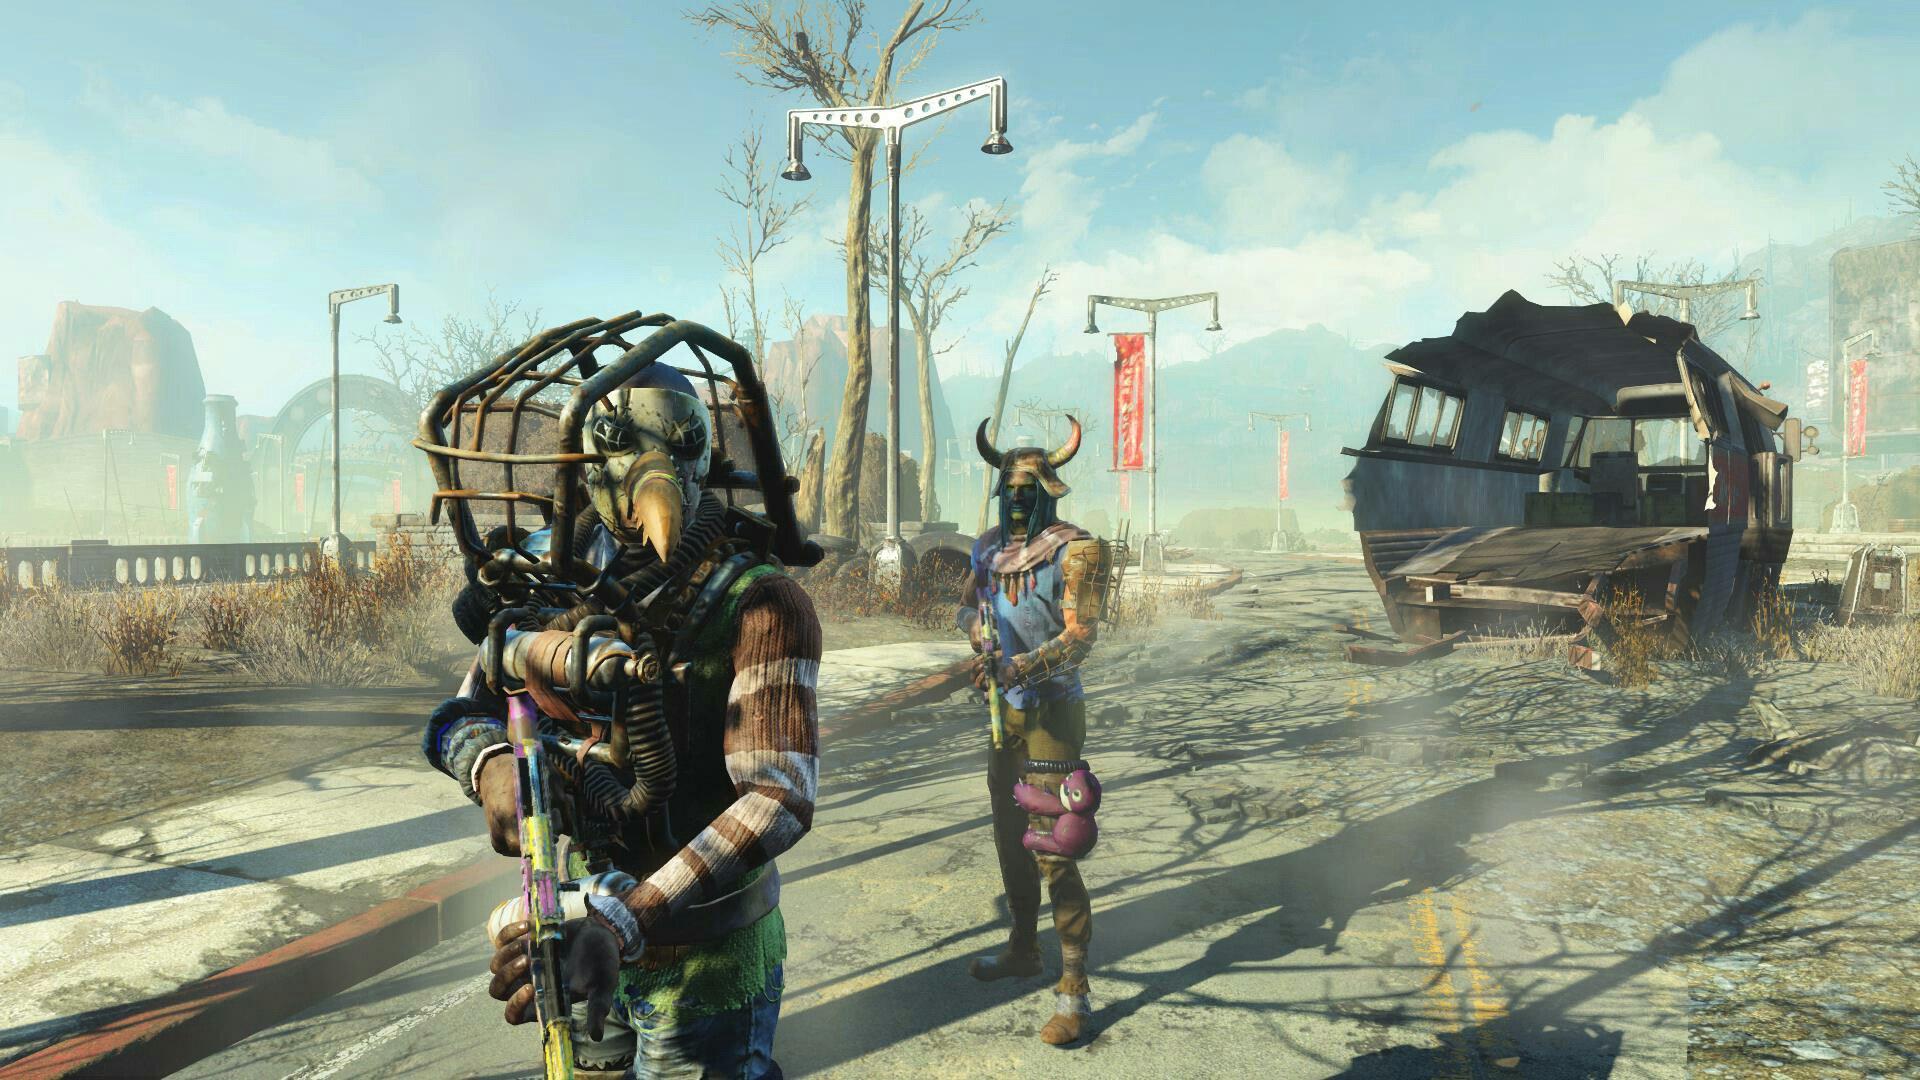 Осталось совсем немного, Fallout4 Nuka-World уже на следующей неделе!